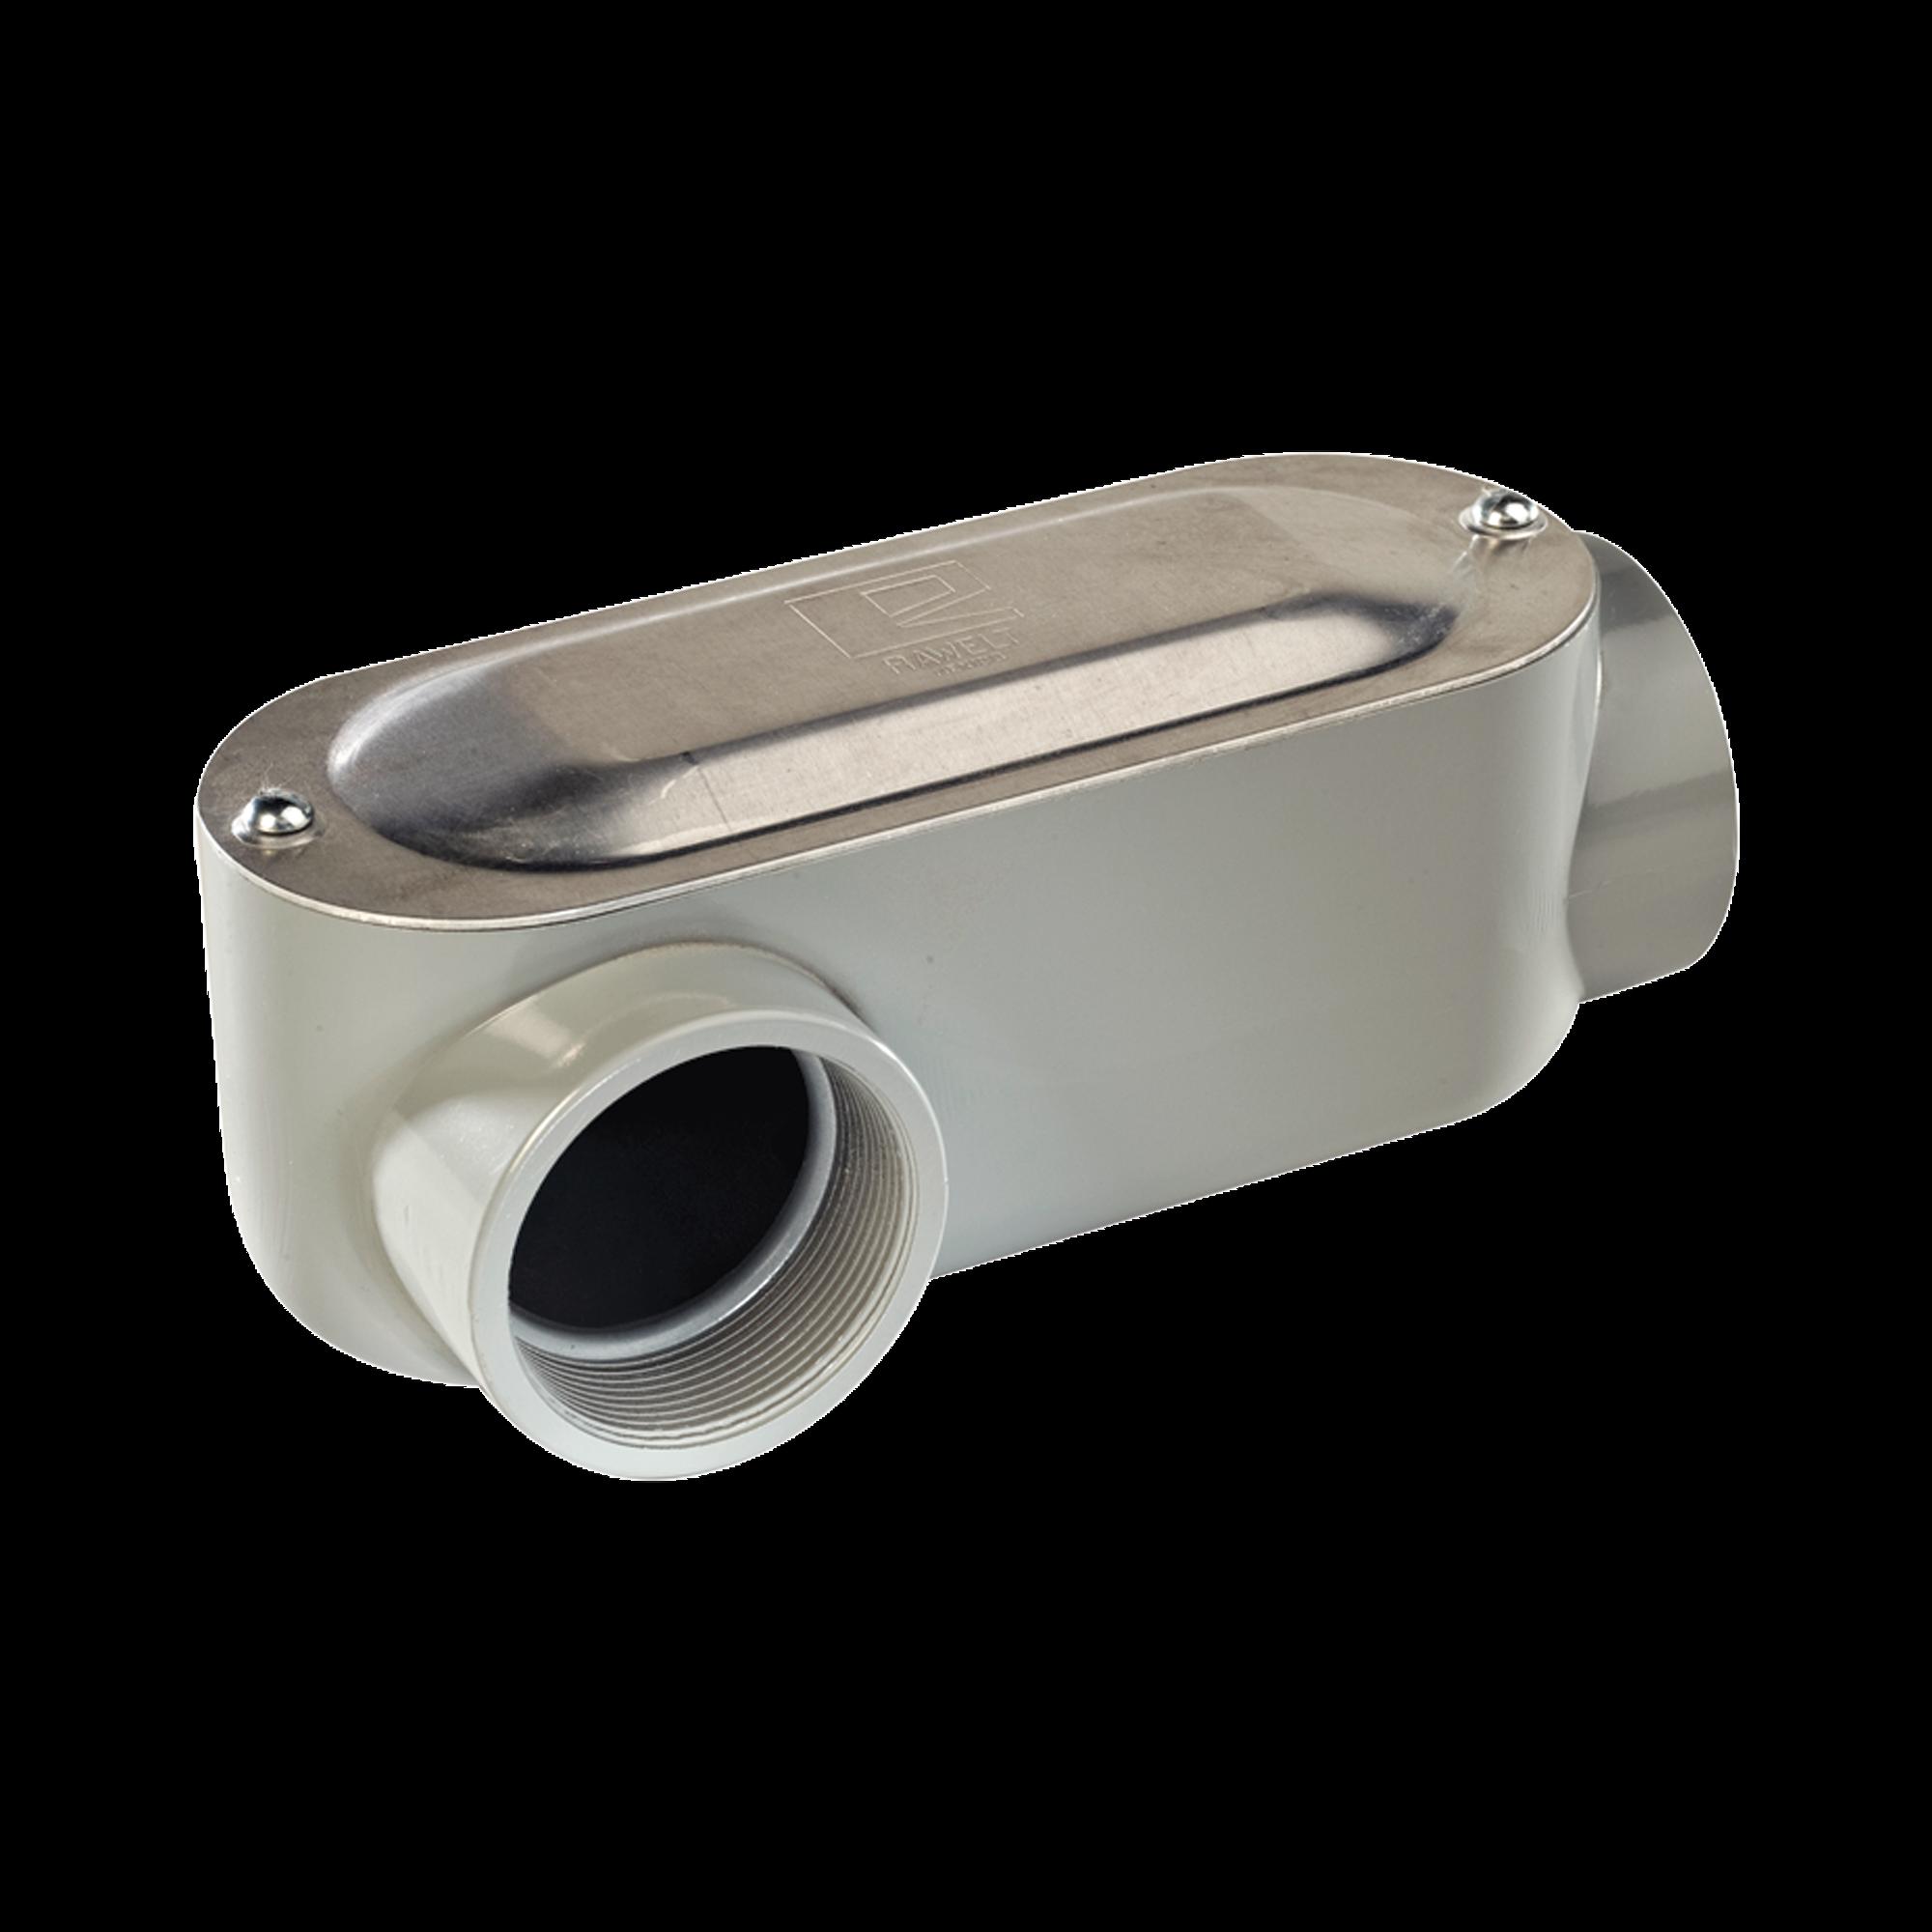 Caja Condulet tipo LR de 1/2 (12.7 mm) Incluye tapa y tornillos.